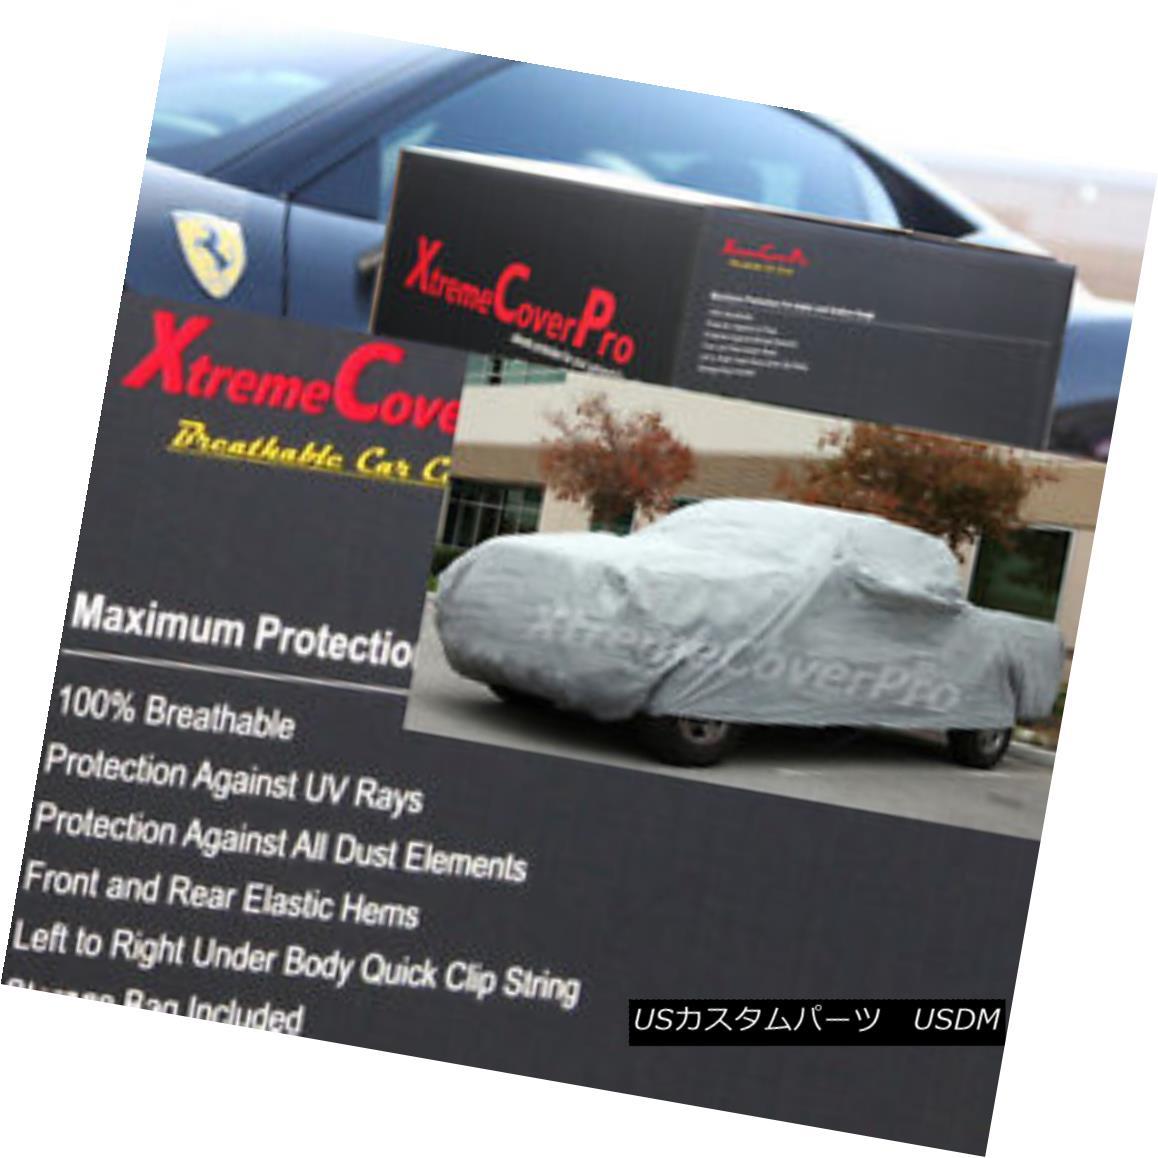 カーカバー 2010 2011 2012 GMC Sierra 1500 Reg Cab 6.5ft Bed Breathable Truck Cover 2010 2011 2012 GMC Sierra 1500 Regキャブ6.5ftベッド通気性トラックカバー